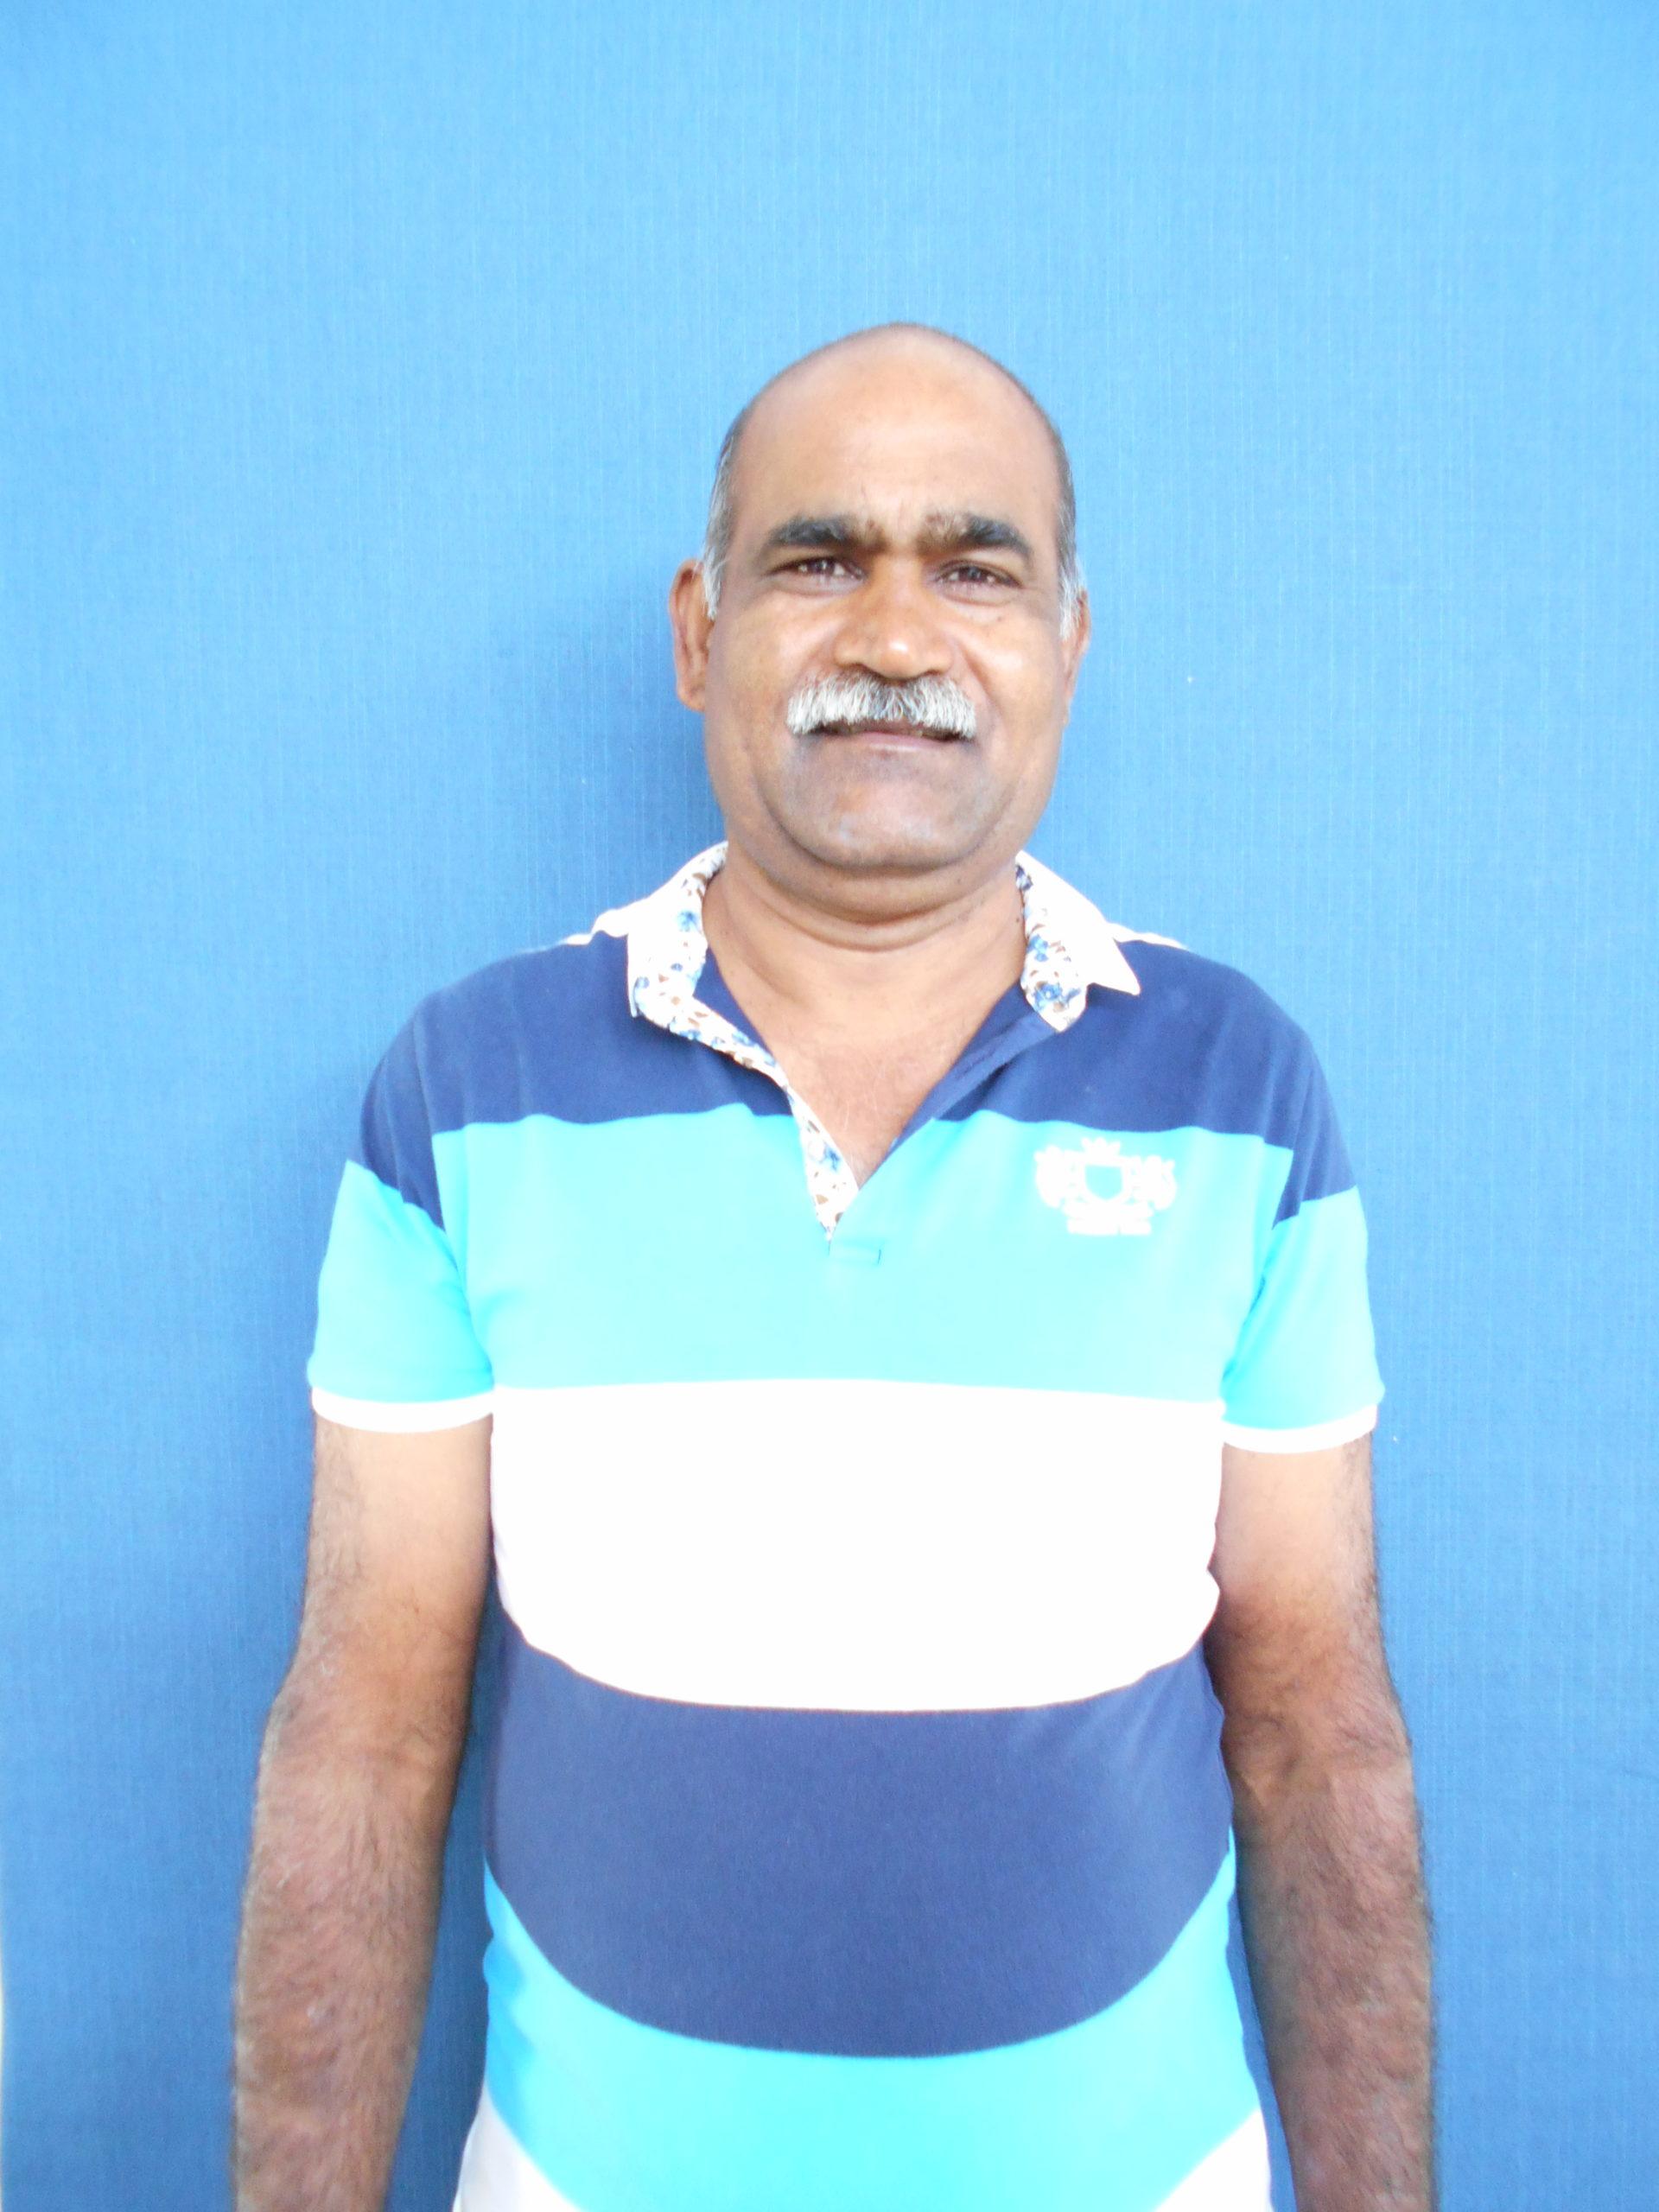 Hany worker and gardener